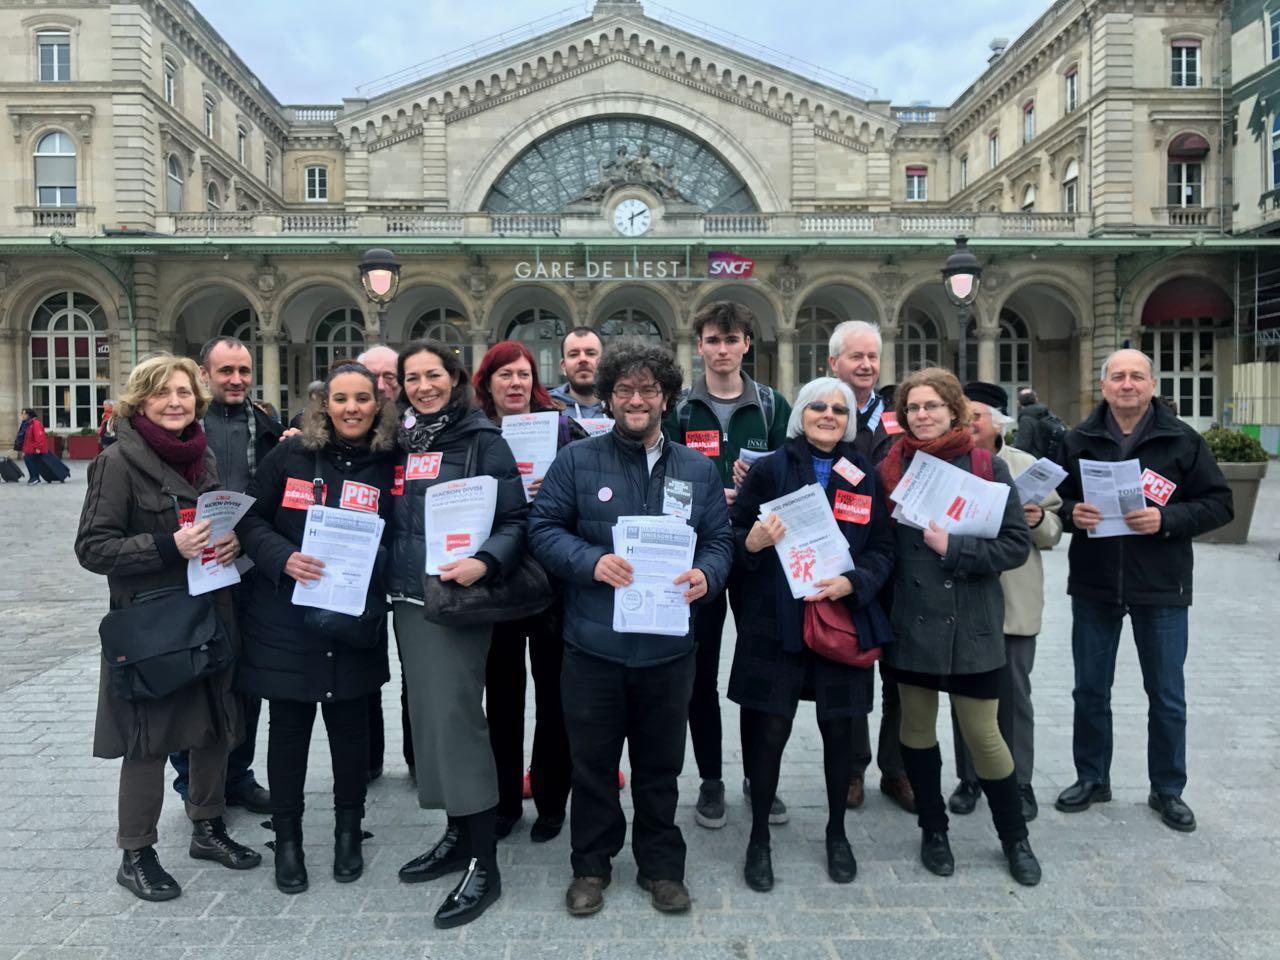 Distribution de tracts à la gare de l'Est avril 2018 . img_1232_1.jpg